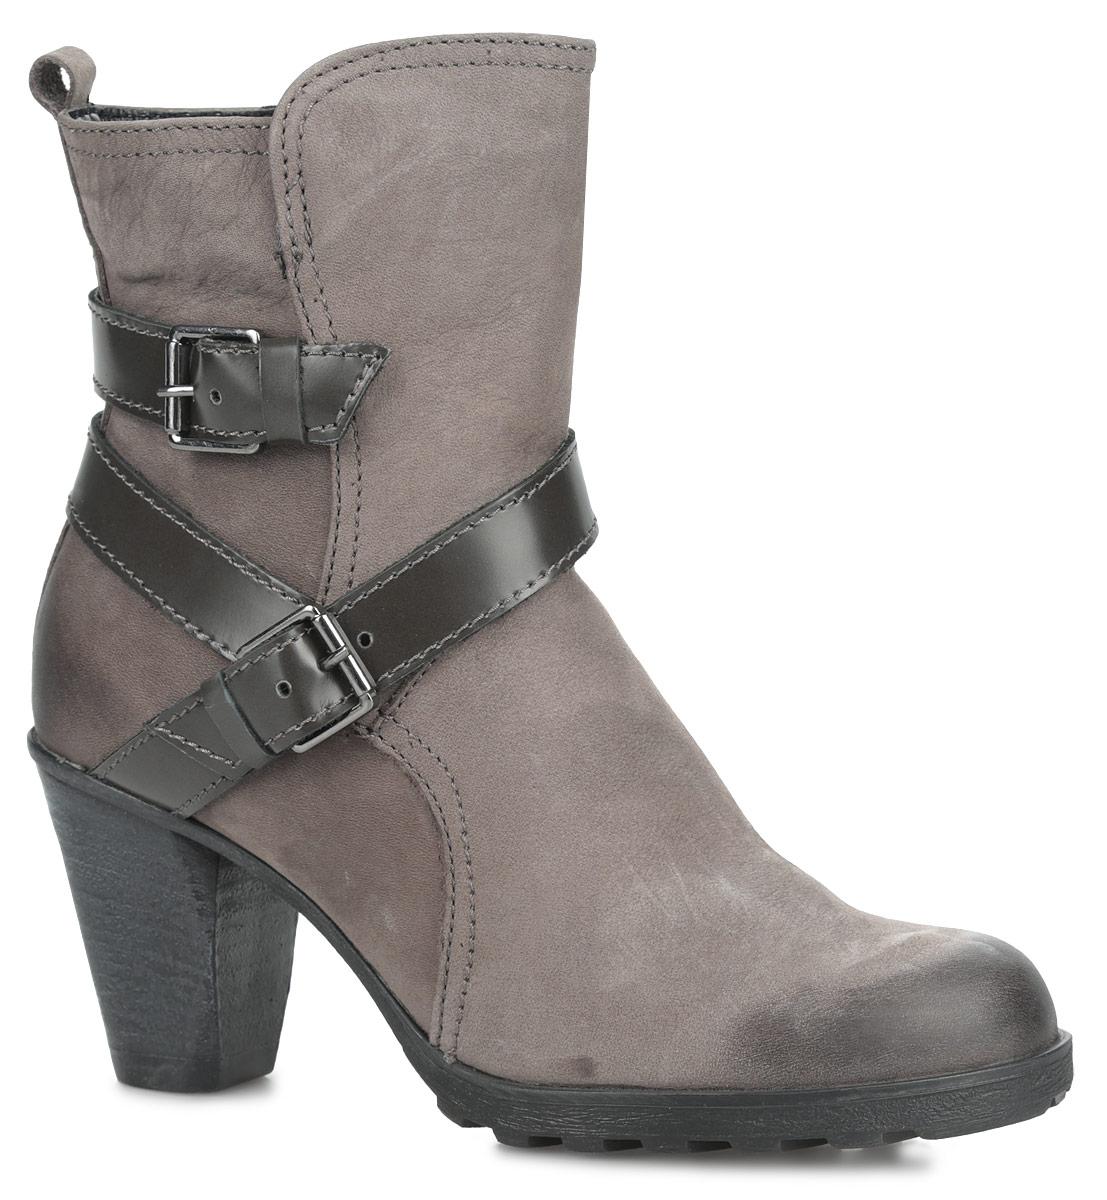 Ботинки женские. 1-1-25809-35-2261-1-25809-35-226Стильные женские ботинки от Tamaris заинтересуют вас своим дизайном. Модель выполнена из натуральной кожи и оформлена ремешками с пряжками. Подкладка и стелька из текстиля комфортны при ходьбе. Ботинки застегиваются на застежку-молнию, расположенную на одной из боковых сторон. Высокий каблук устойчив. Подошва с рельефным протектором обеспечивает отличное сцепление на любой поверхности. В таких ботинках вашим ногам будет комфортно и уютно.